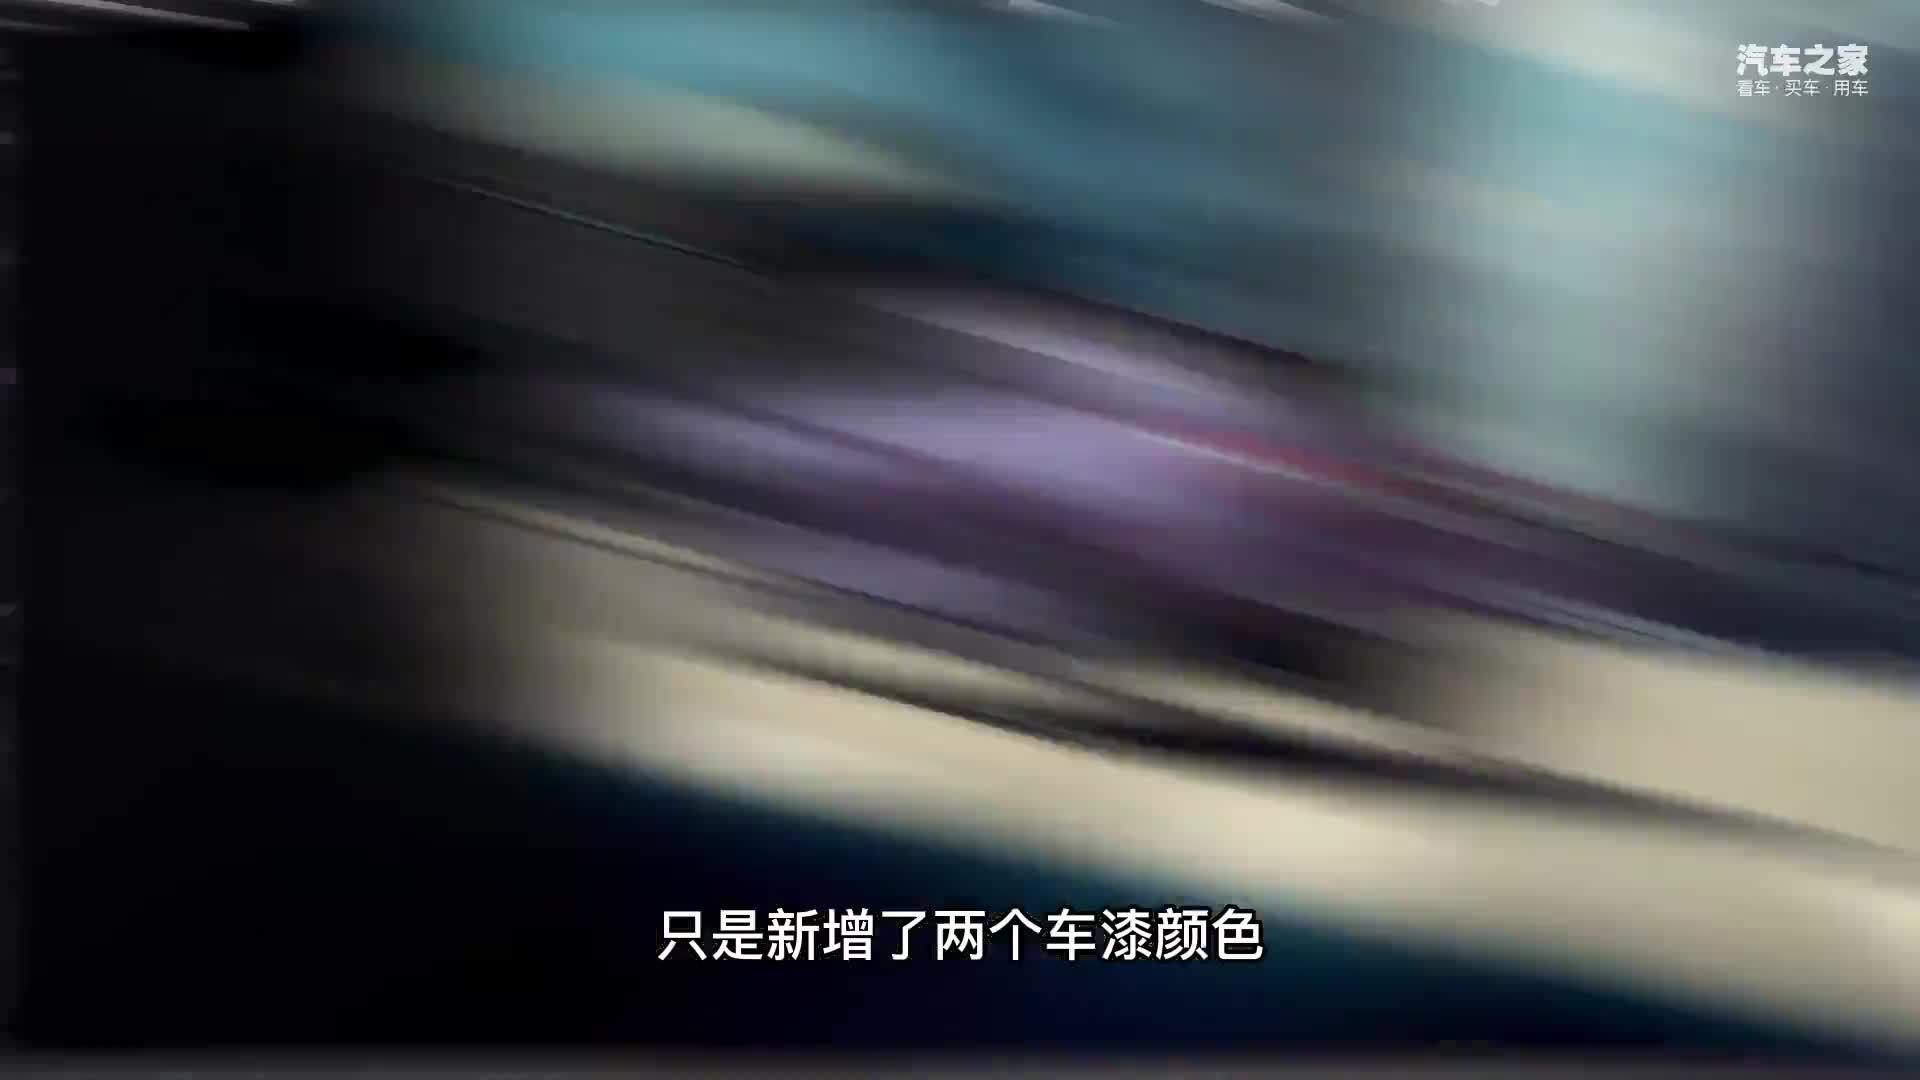 视频:【2022款领克02】————新车新增了两个车漆颜色